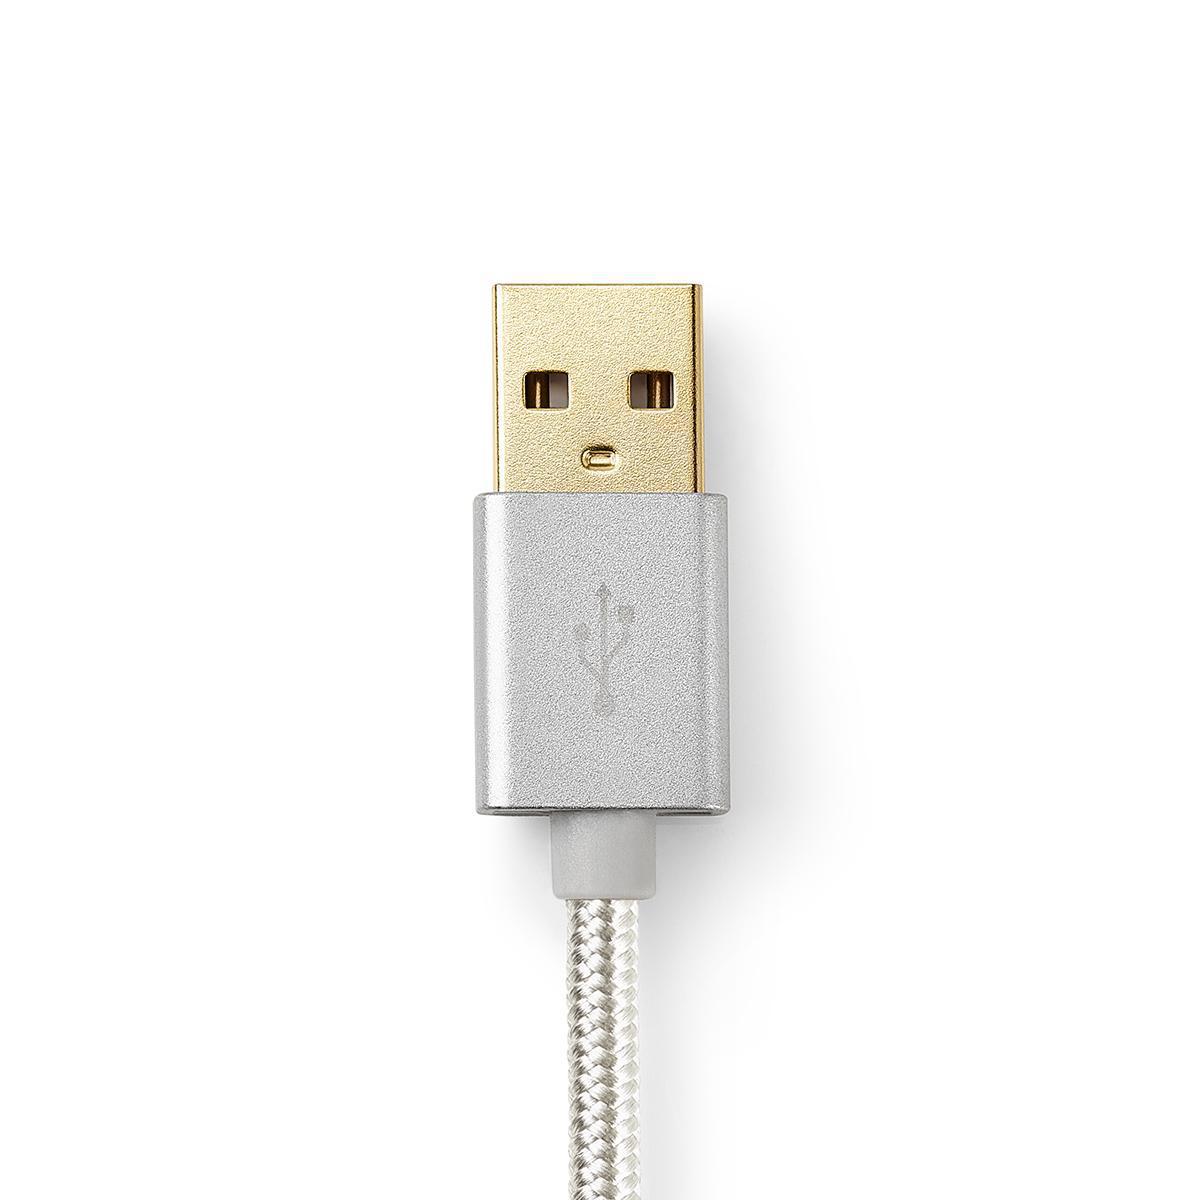 USB 2.0 kabel för synkronisering, laddning och AV stöd